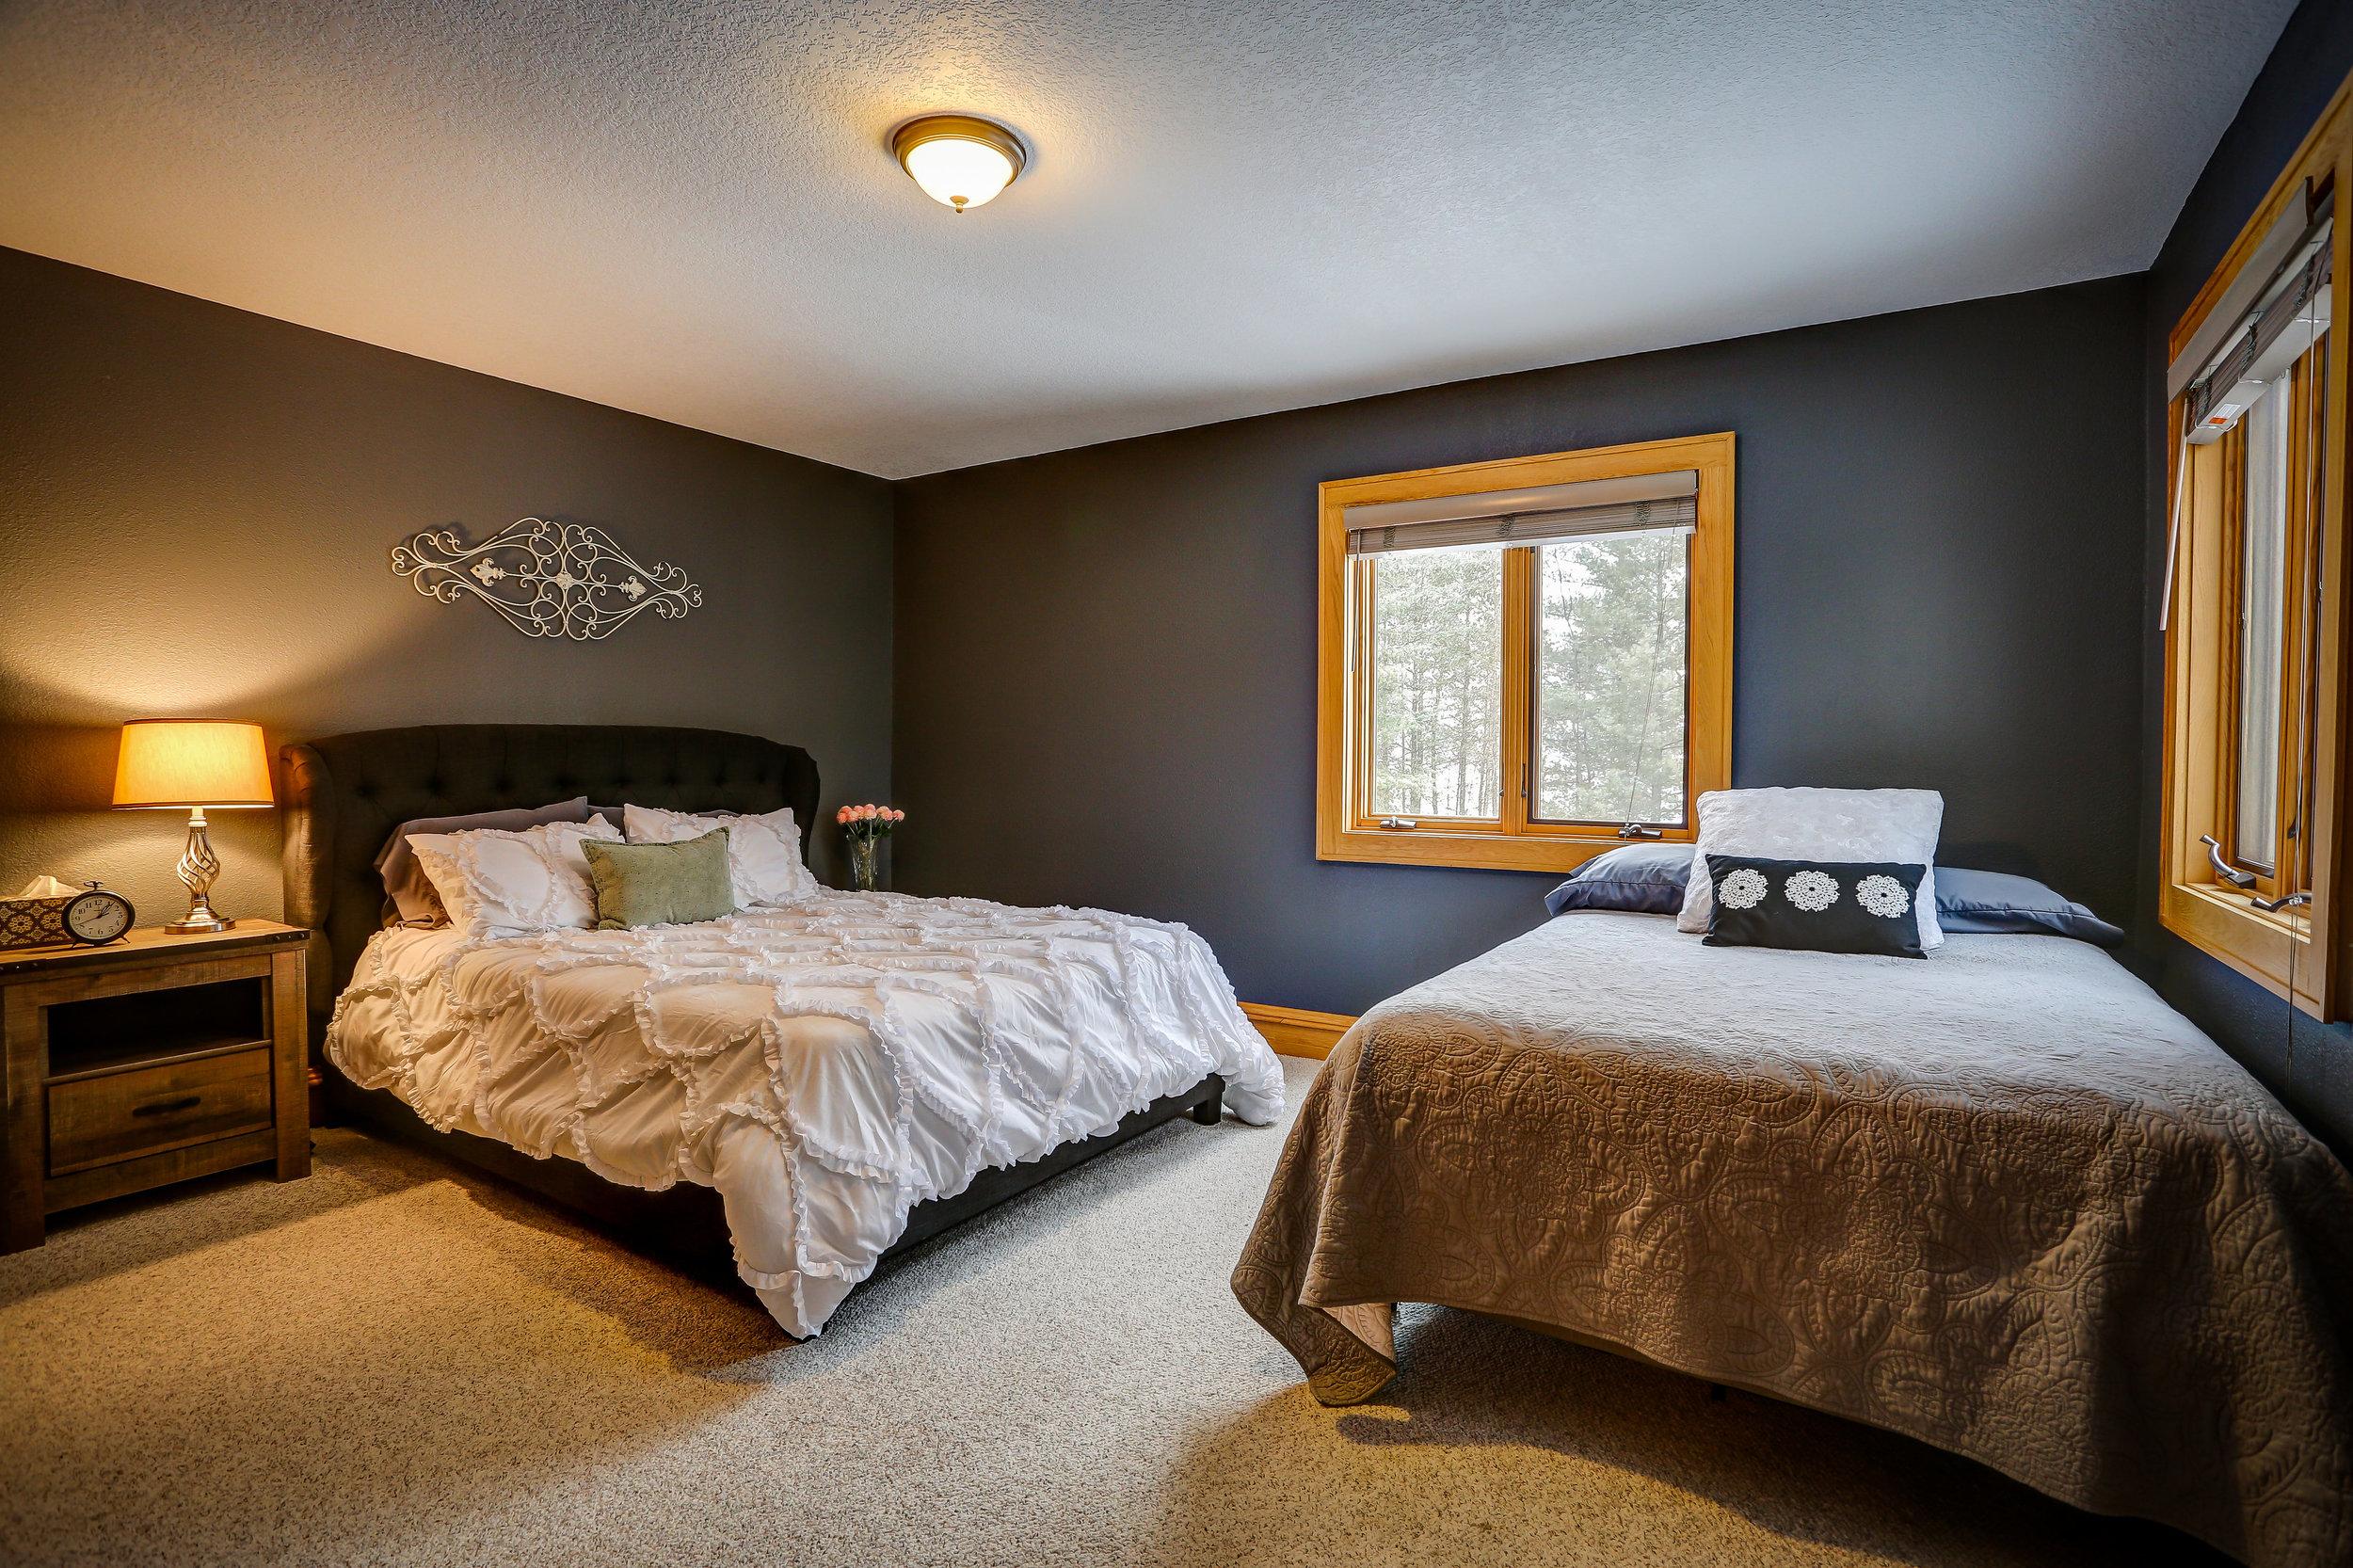 Main Floor Bedroom - Main Level | 1 queen bed + 1 full bed and shared bathroom in hallway